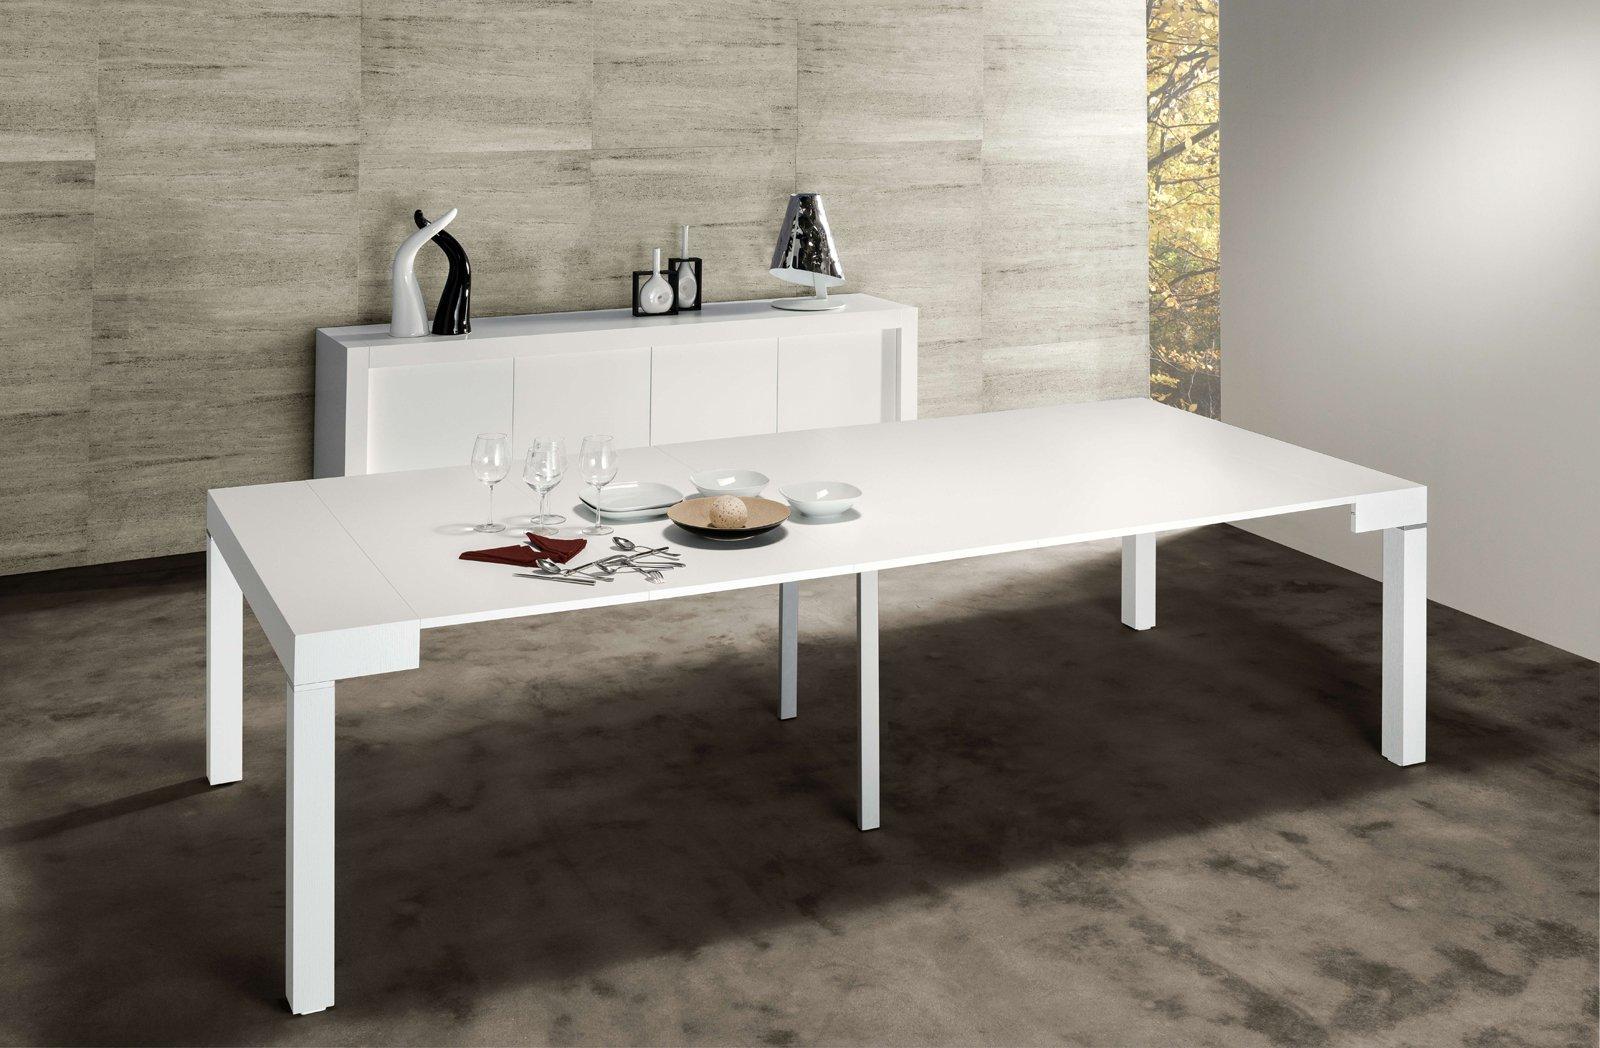 La console che diventa maxi tavolo cose di casa - Tavolo allungabile a consolle ...